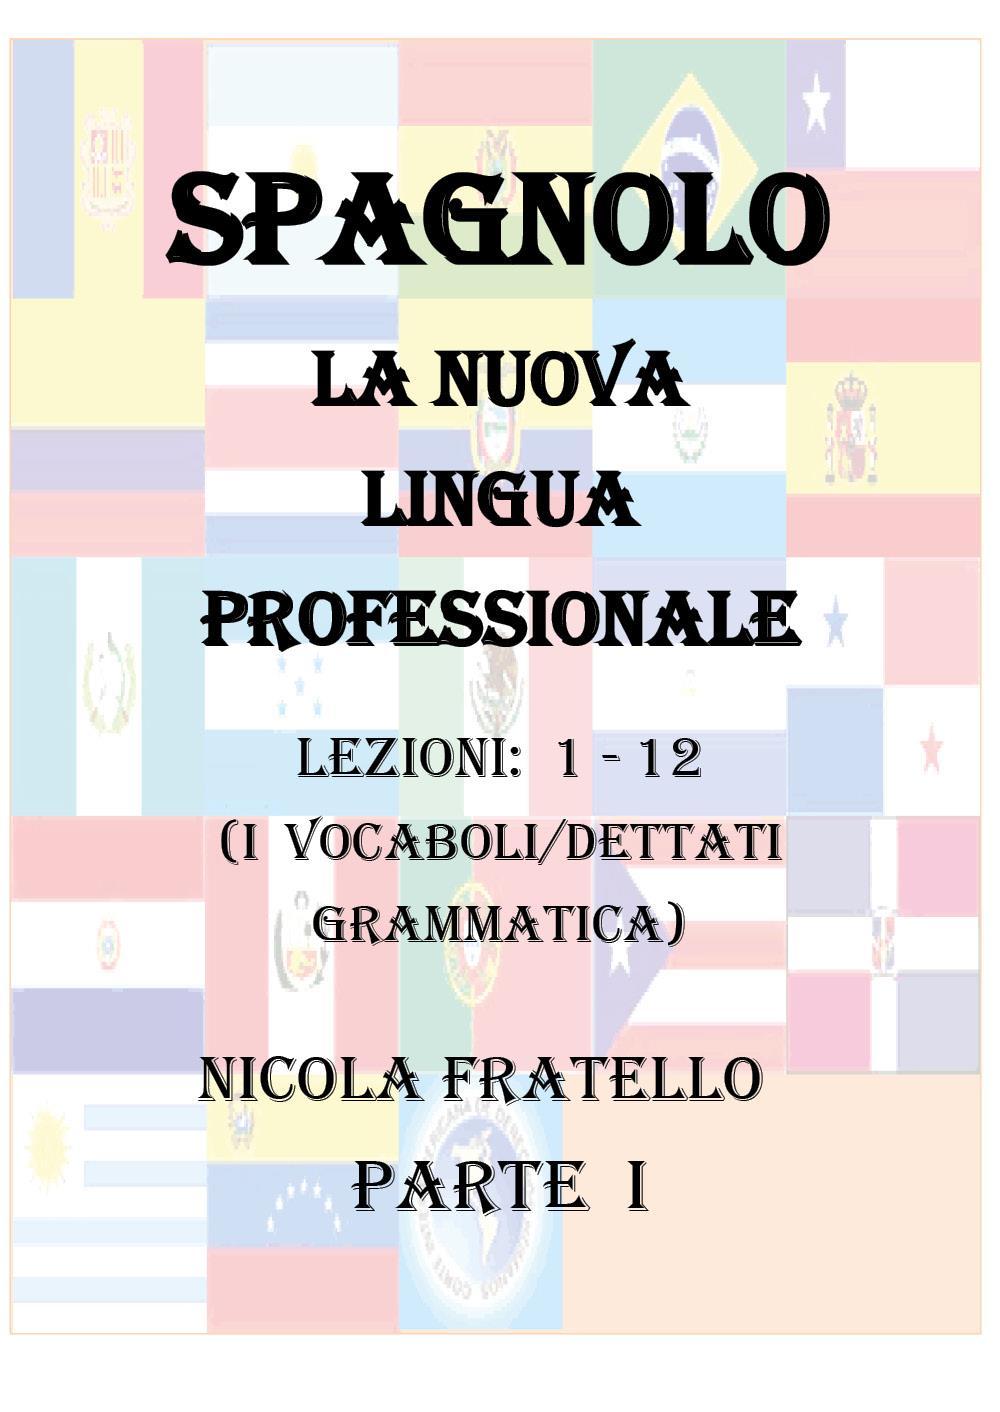 La Nuova Lingua Professionale Spagnolo - Parte I